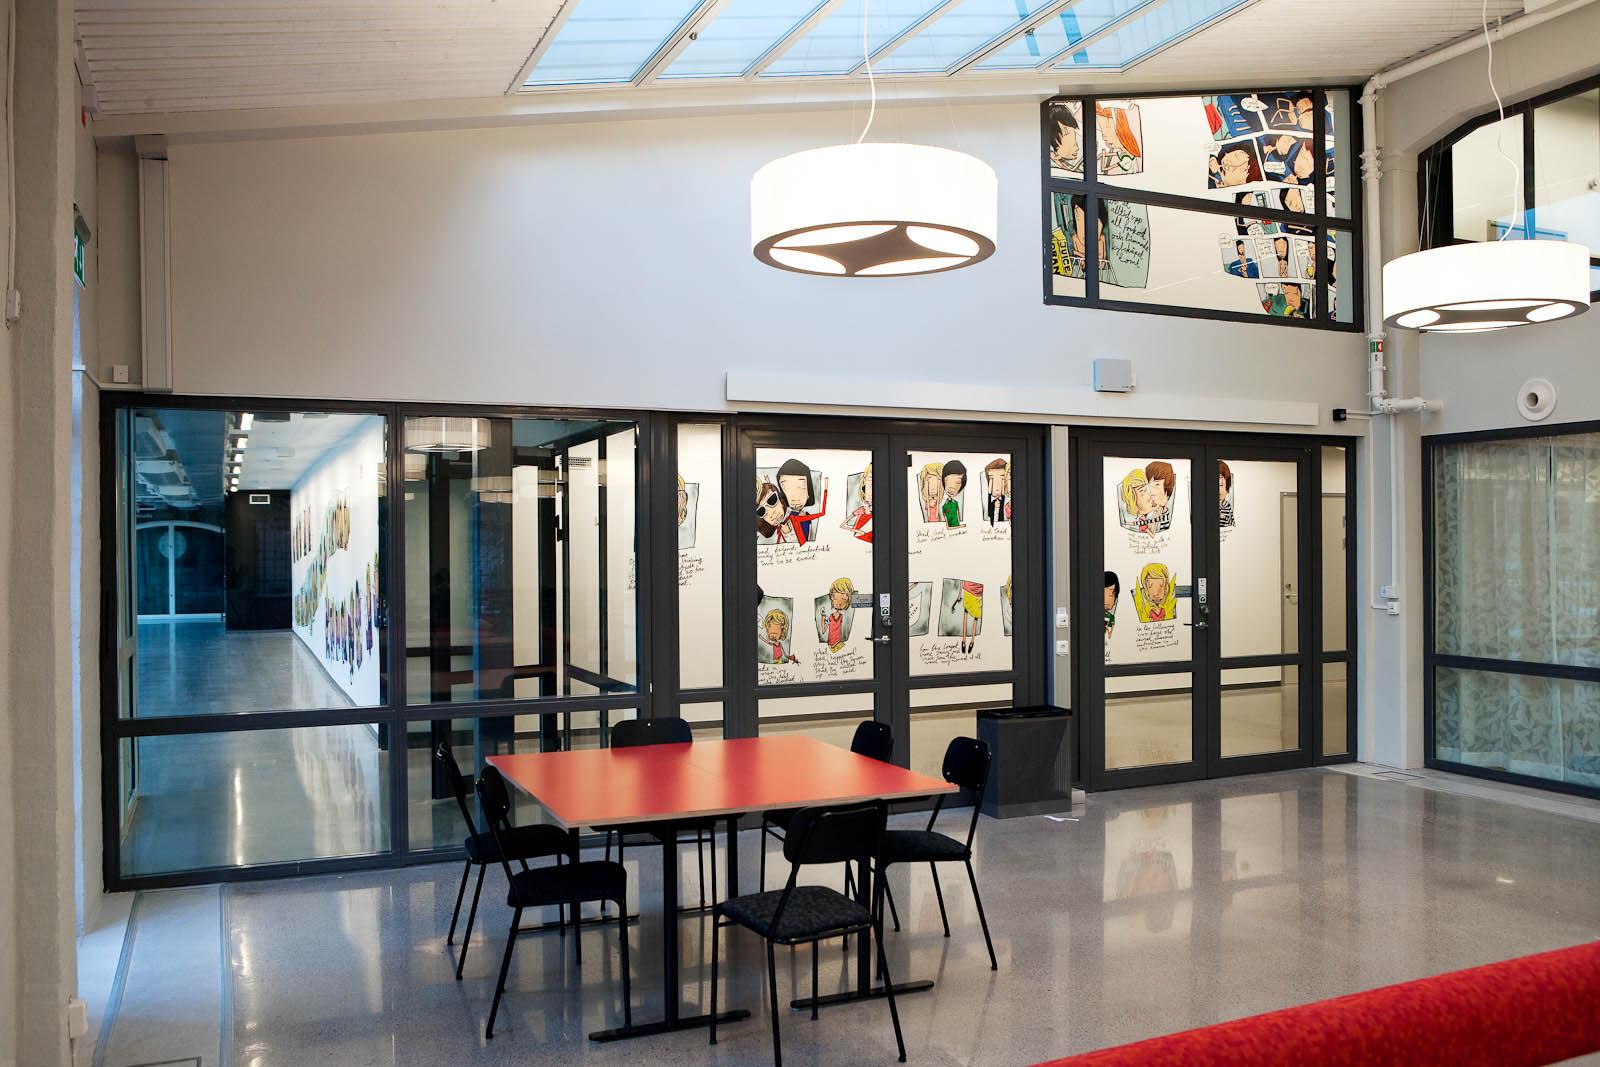 Ett klassrum. Genom glasväggen syns korridorer med seriestrippar på väggarna. Daniel Novakovic, Jag tror jag är kär.